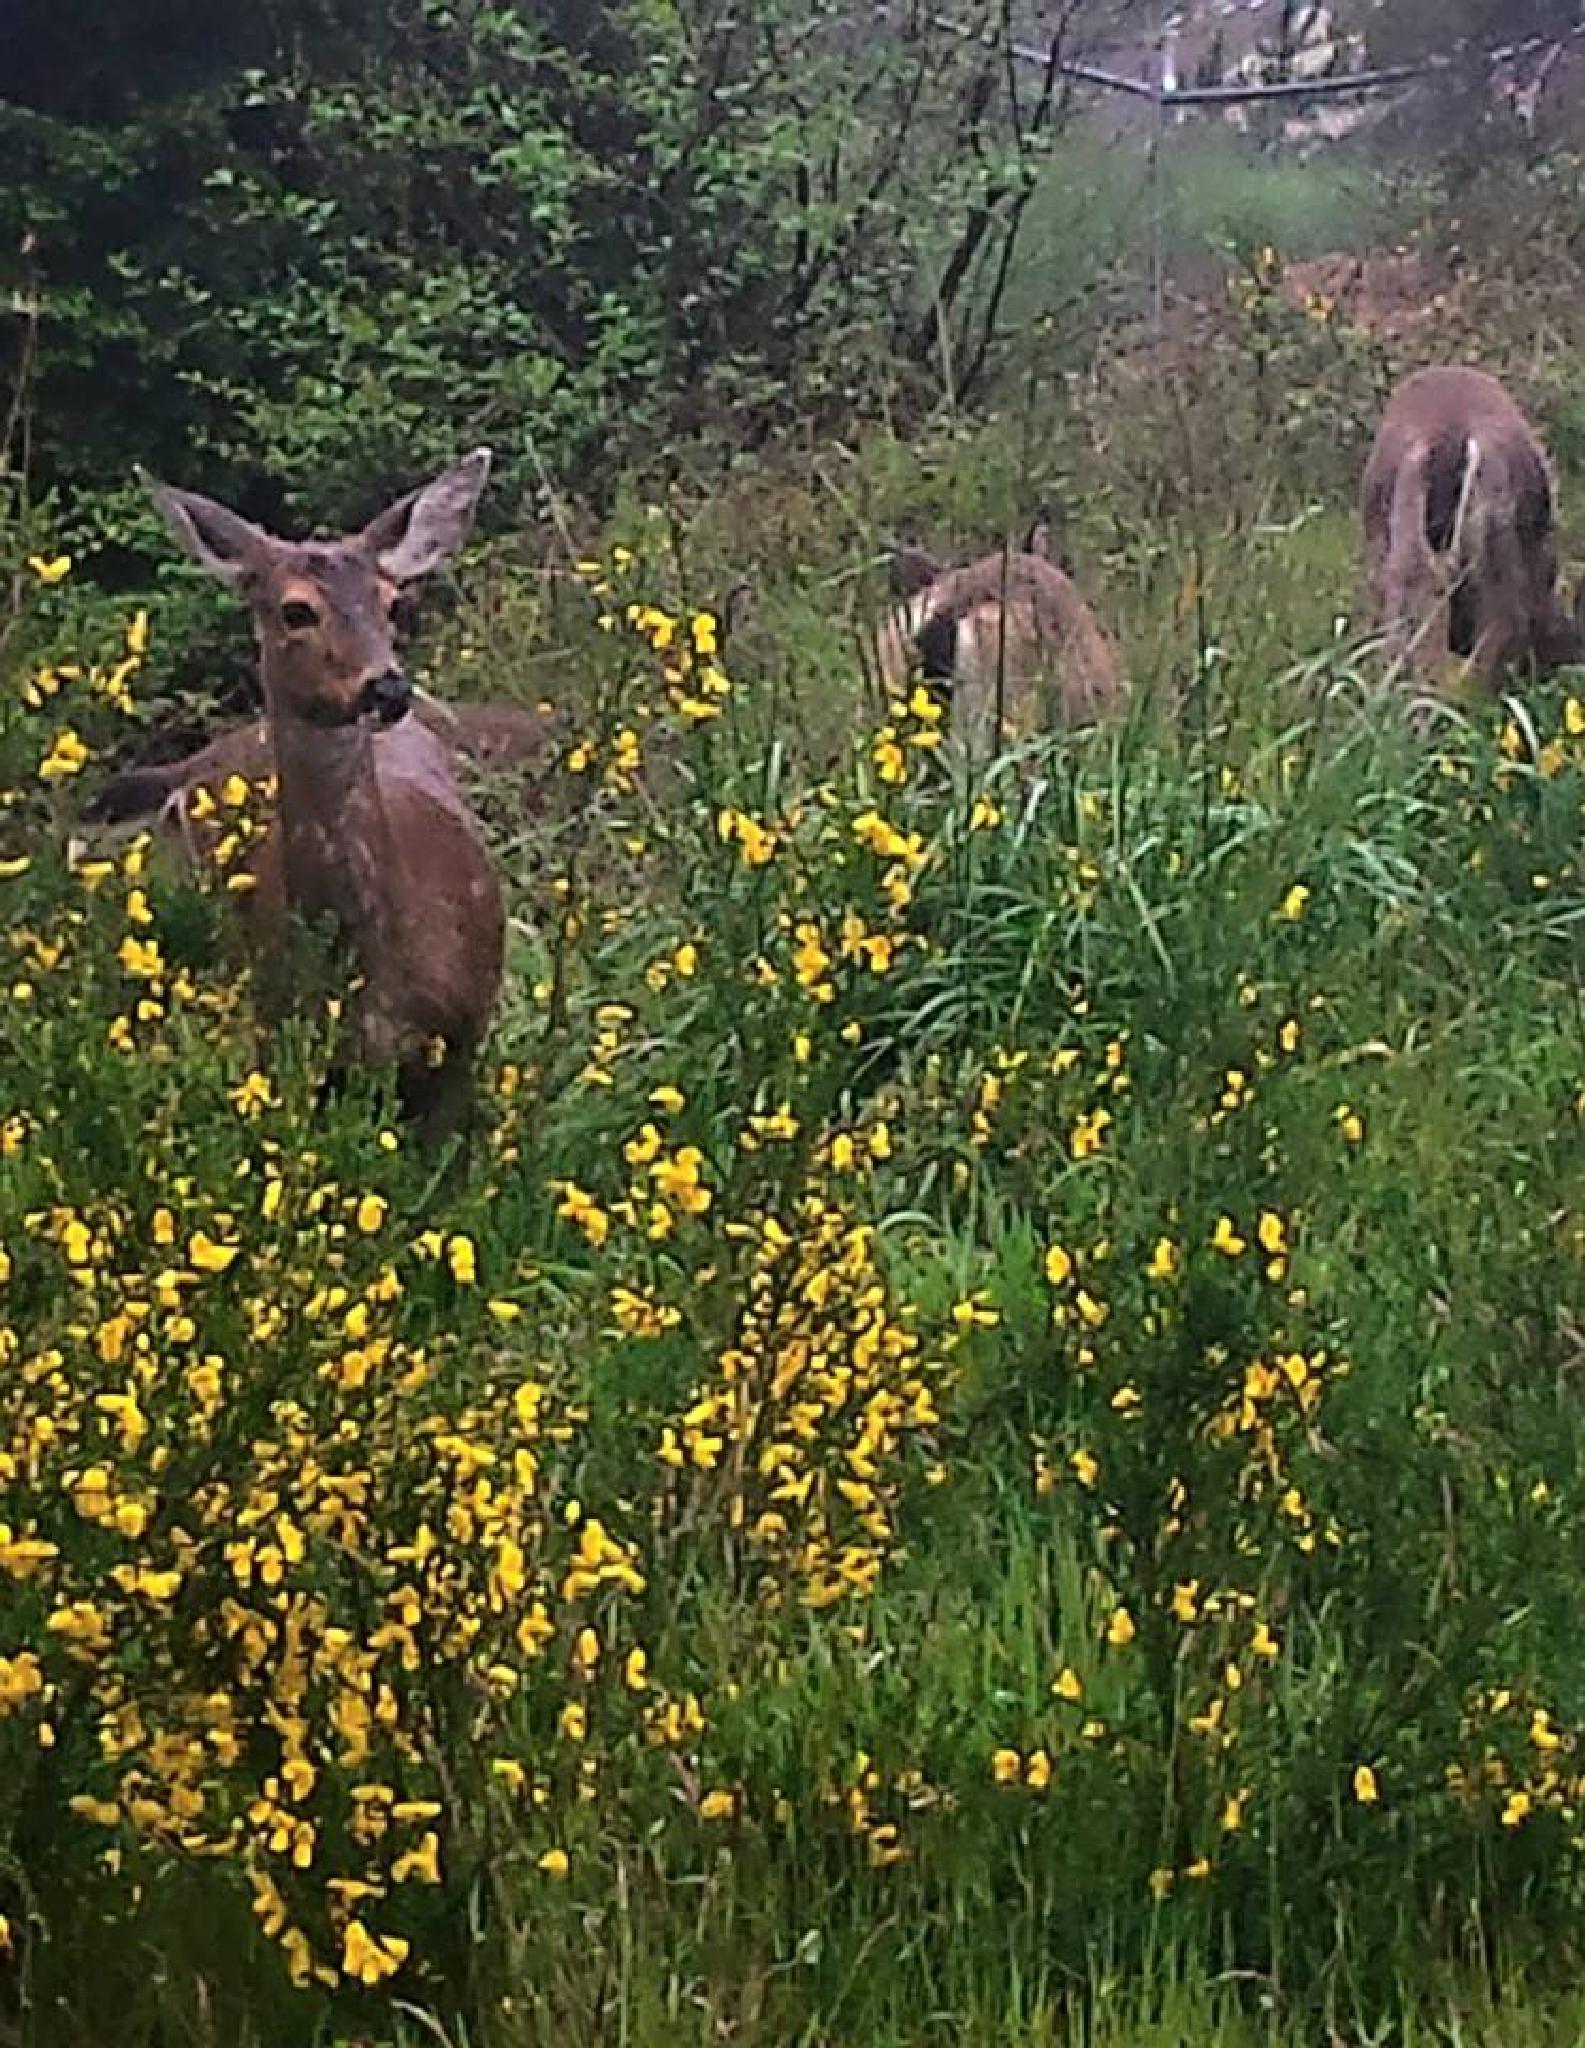 Deer in a field of flowers by marilyn wirtz